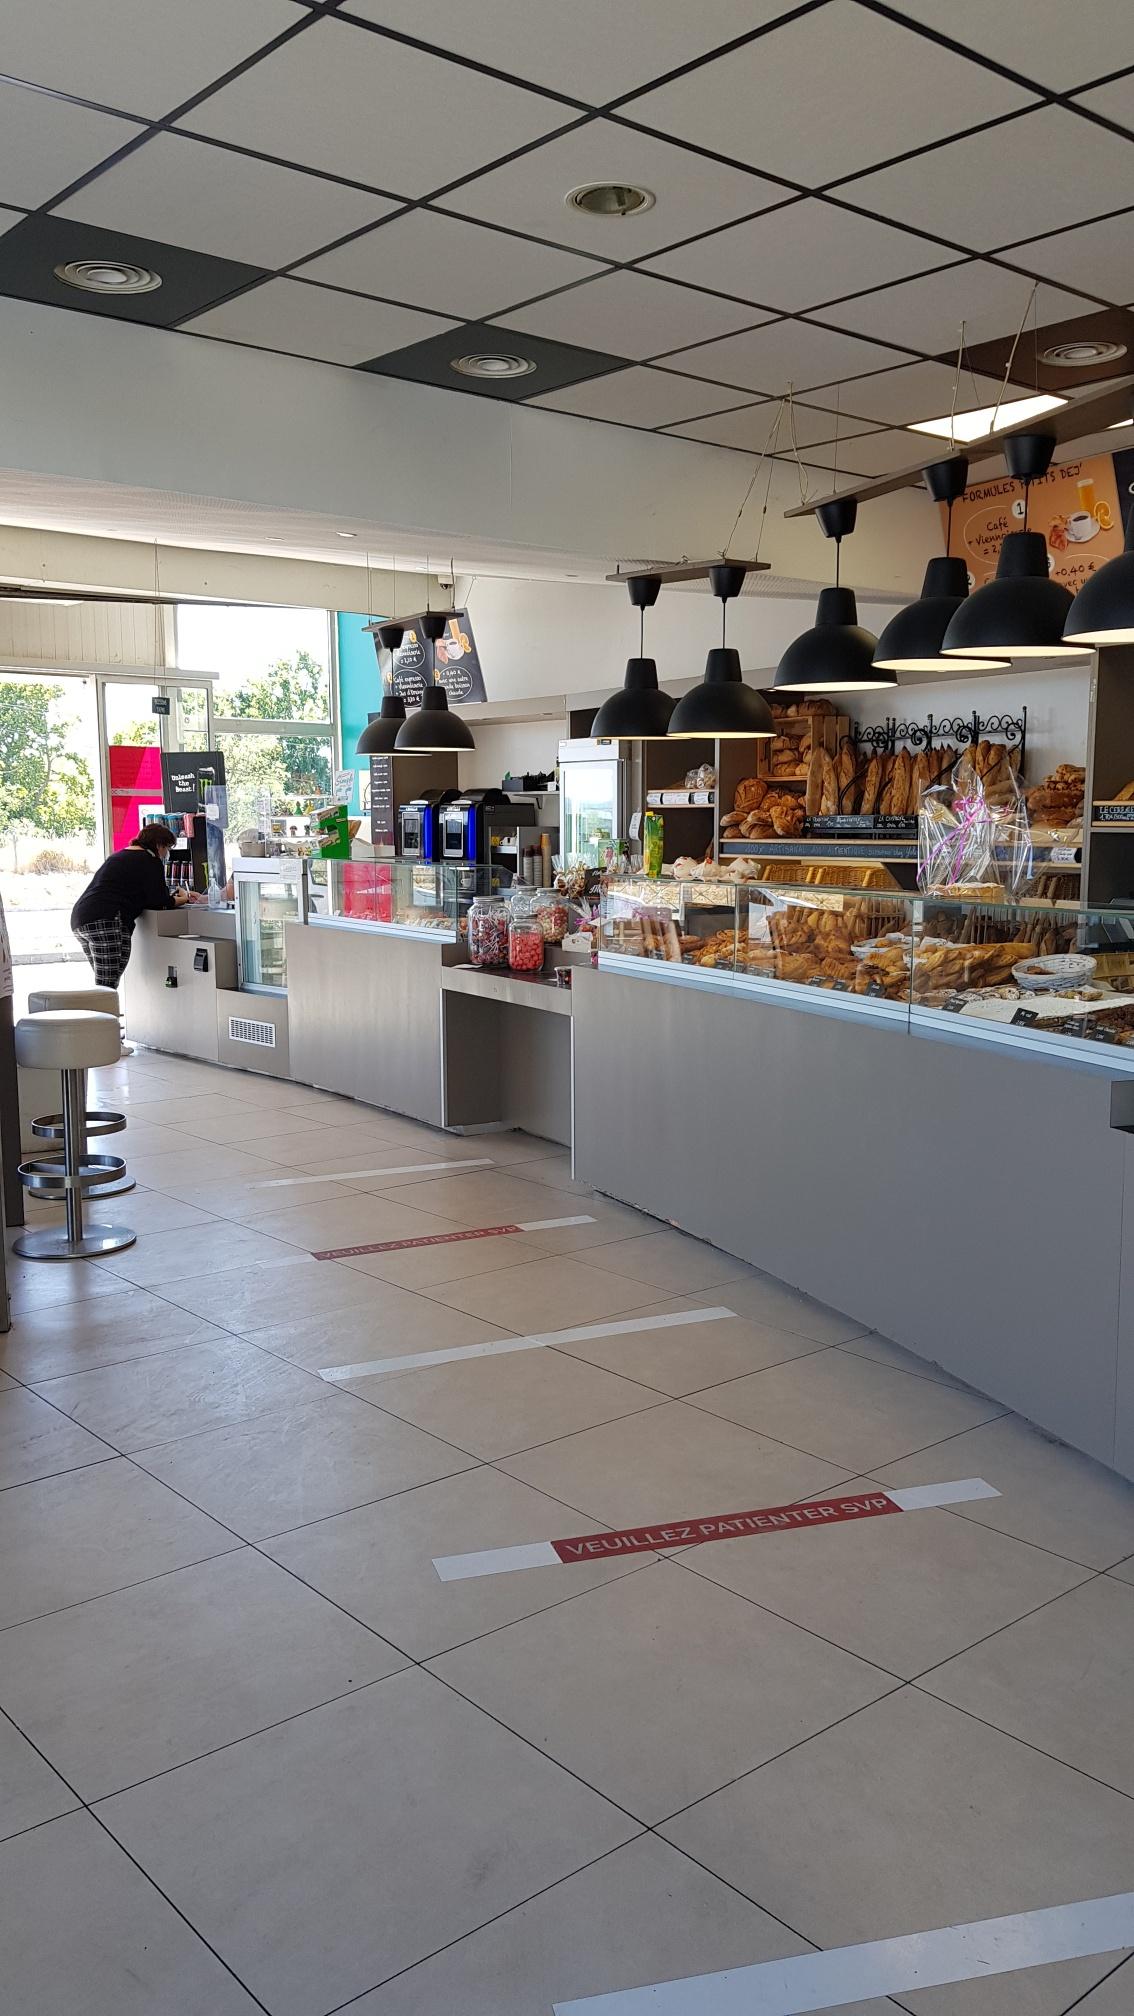 vue boutique boulangerie avant